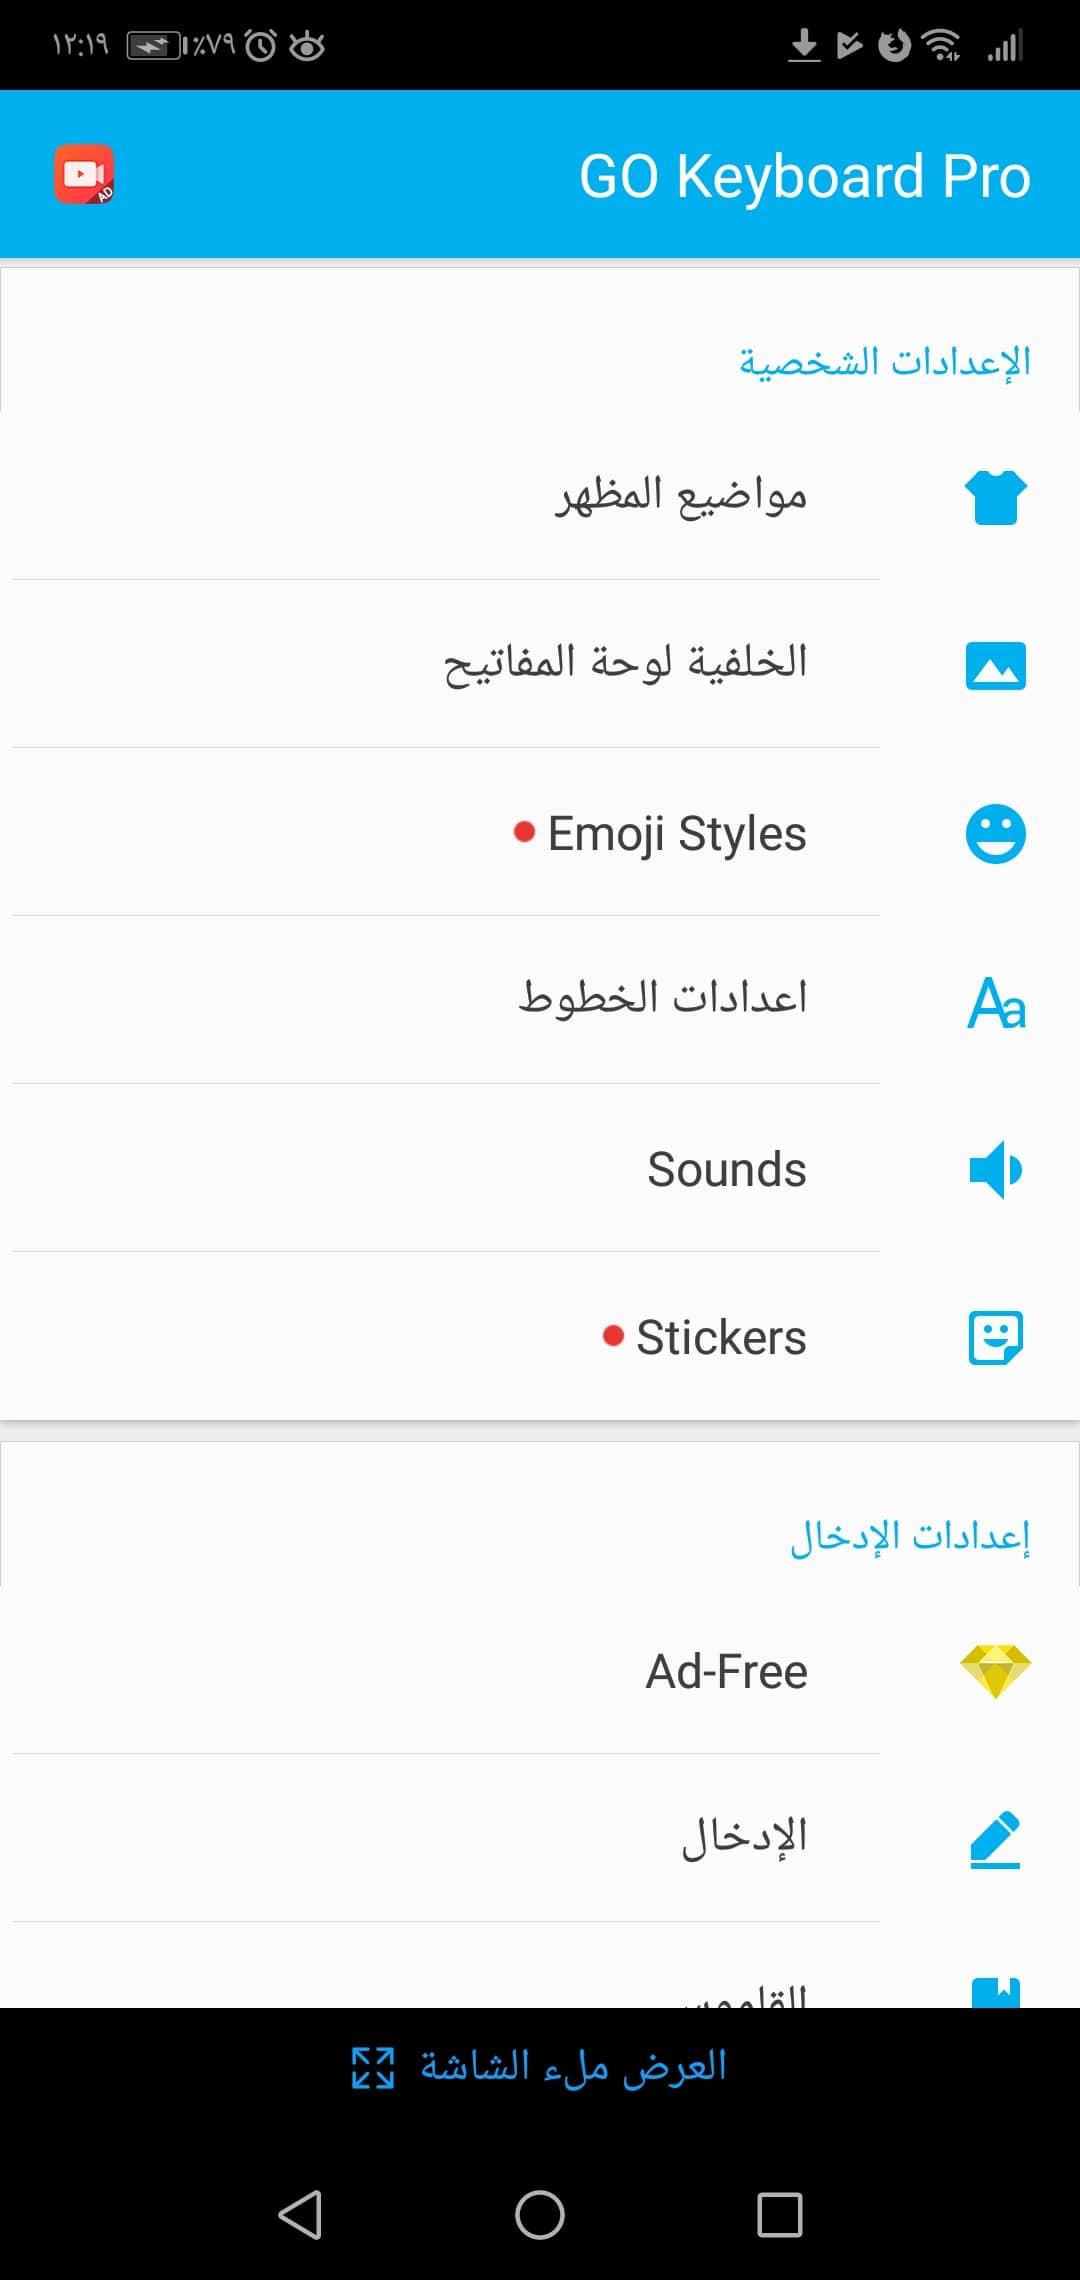 ضبط اعدادات تطبيق Arabic GO Keyboard